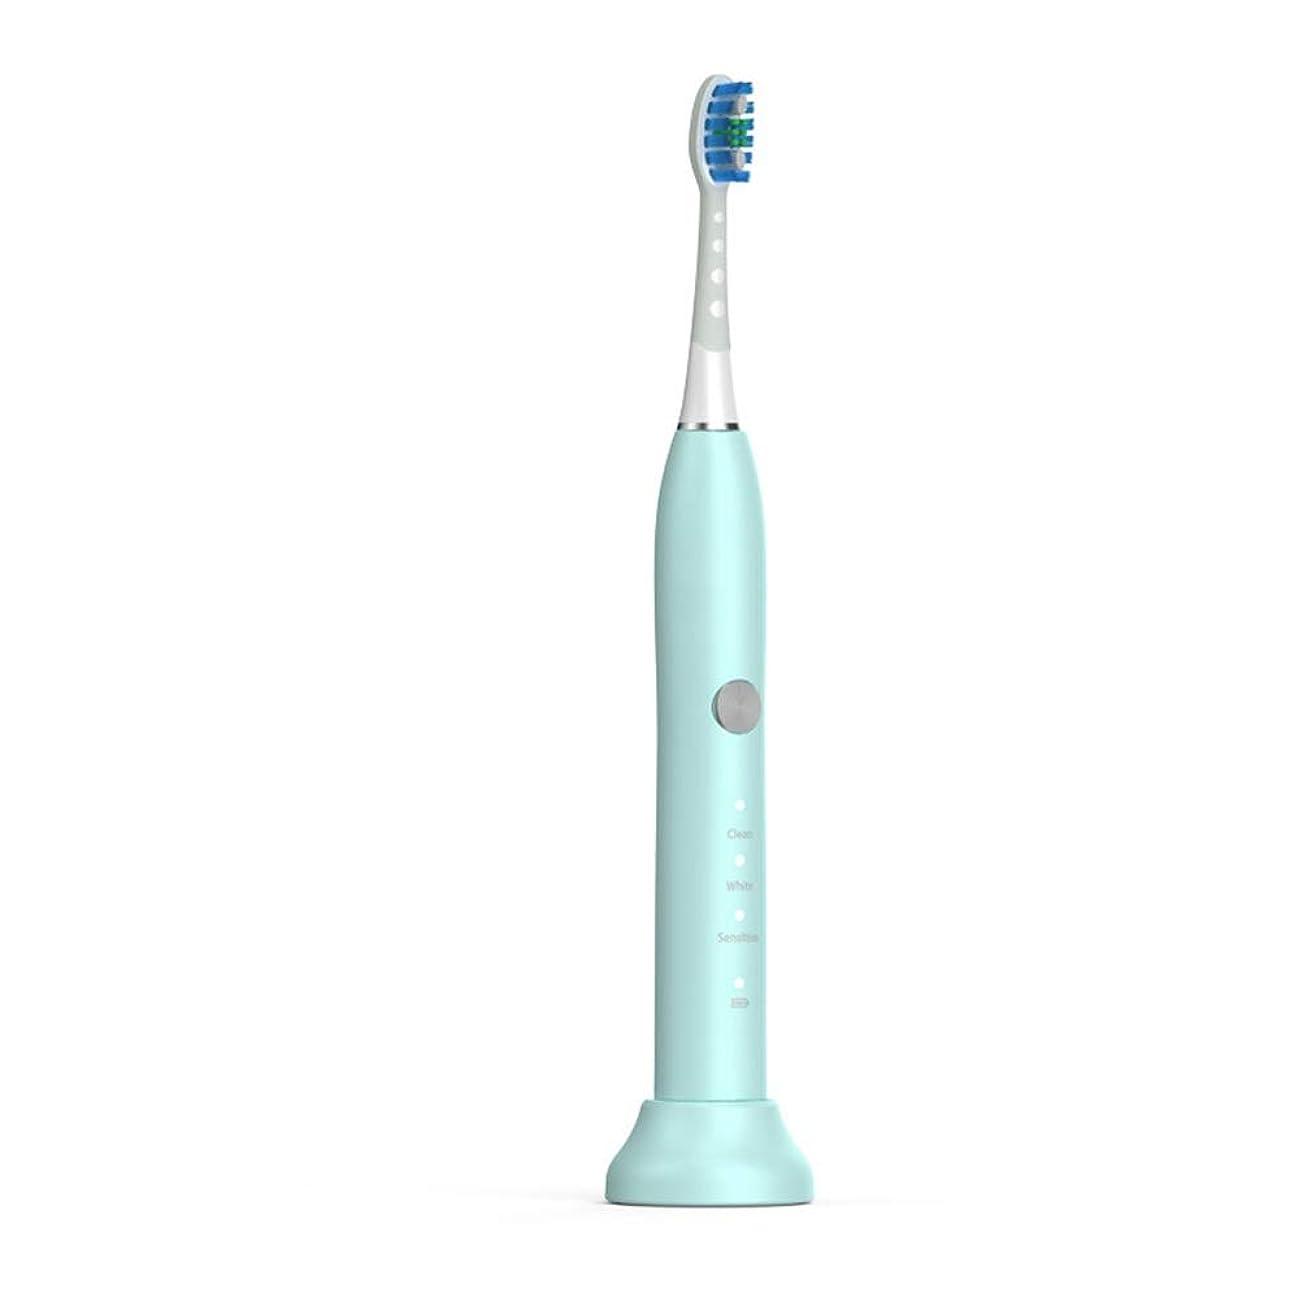 楽観的生態学拍手する電動歯ブラシ USB充電ベースホルダー付き電動歯ブラシ柔らかい髪の保護用清潔な歯ブラシ歯科医推奨 (色 : 緑, サイズ : Free size)